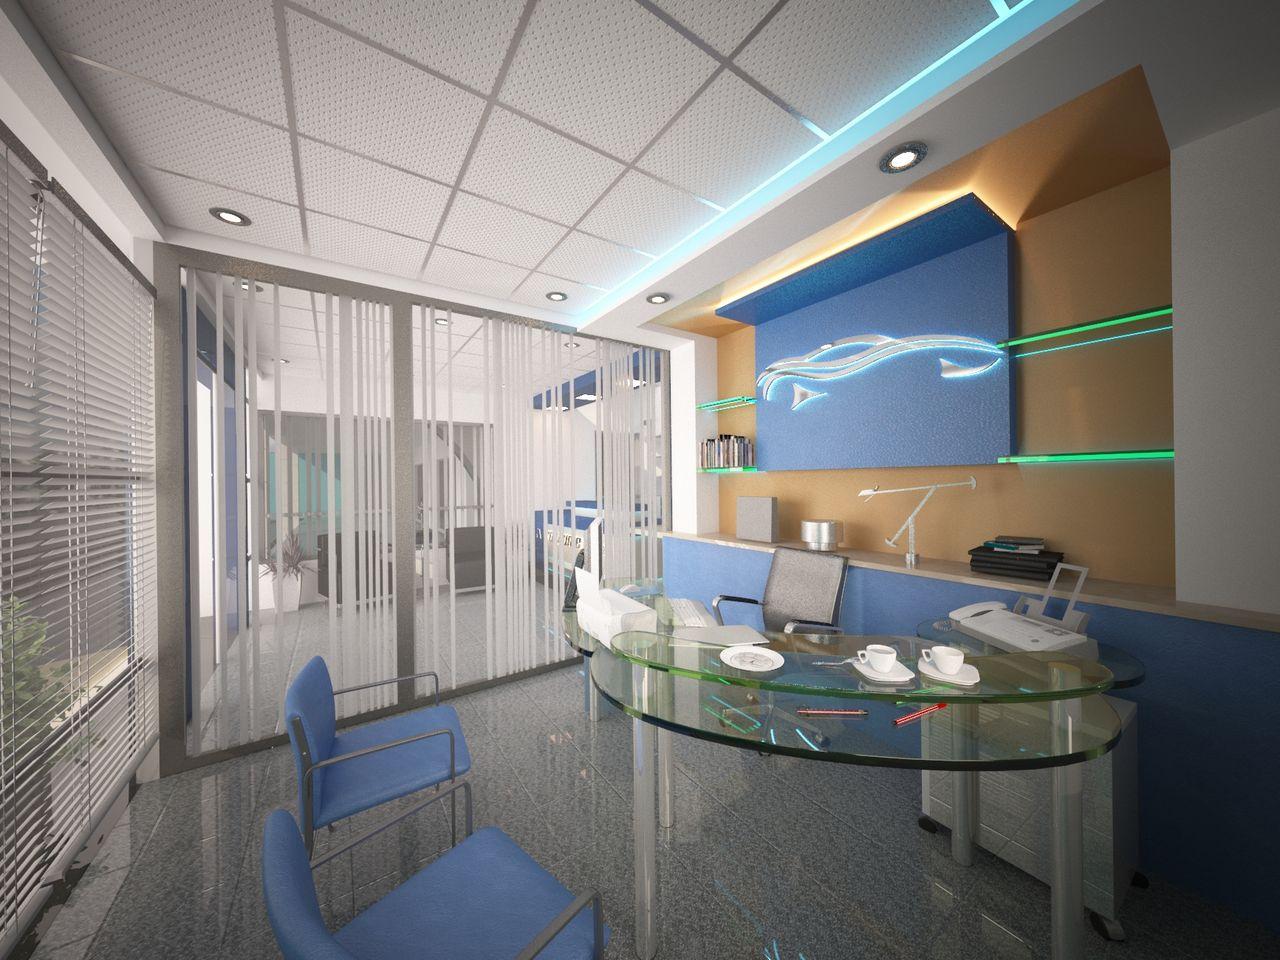 Bicha Marouen architecte Vue intérieur (Royaume autos)